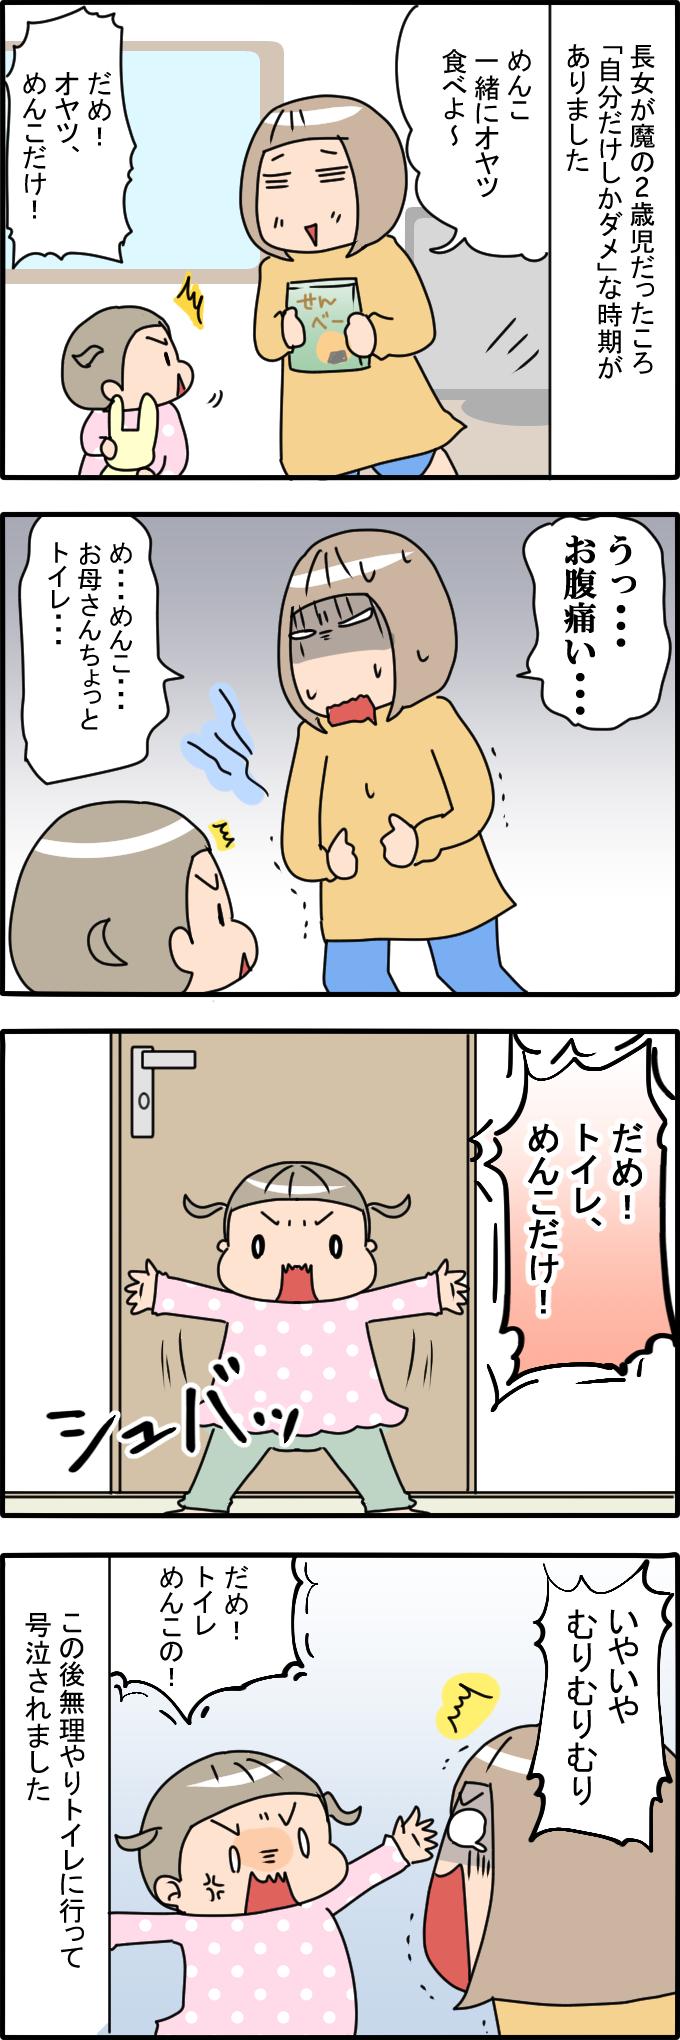 イヤイヤ期、魔の2歳児の娘がトイレの前に立ちはだかる